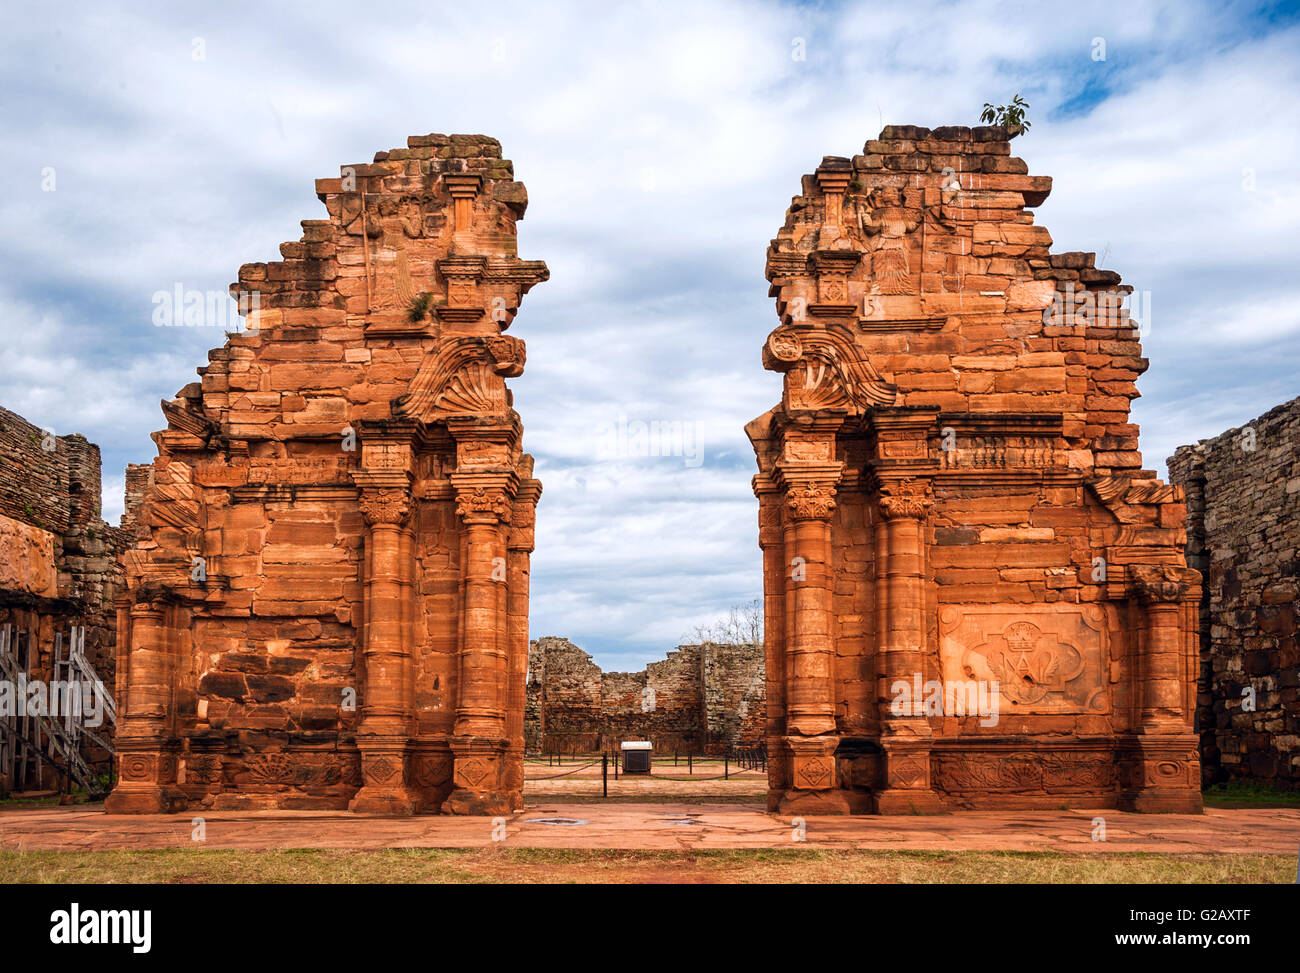 San Ignacio-Mini missione fondata nel 1632 dai Gesuiti, Provincia Misiones, Argentina Immagini Stock